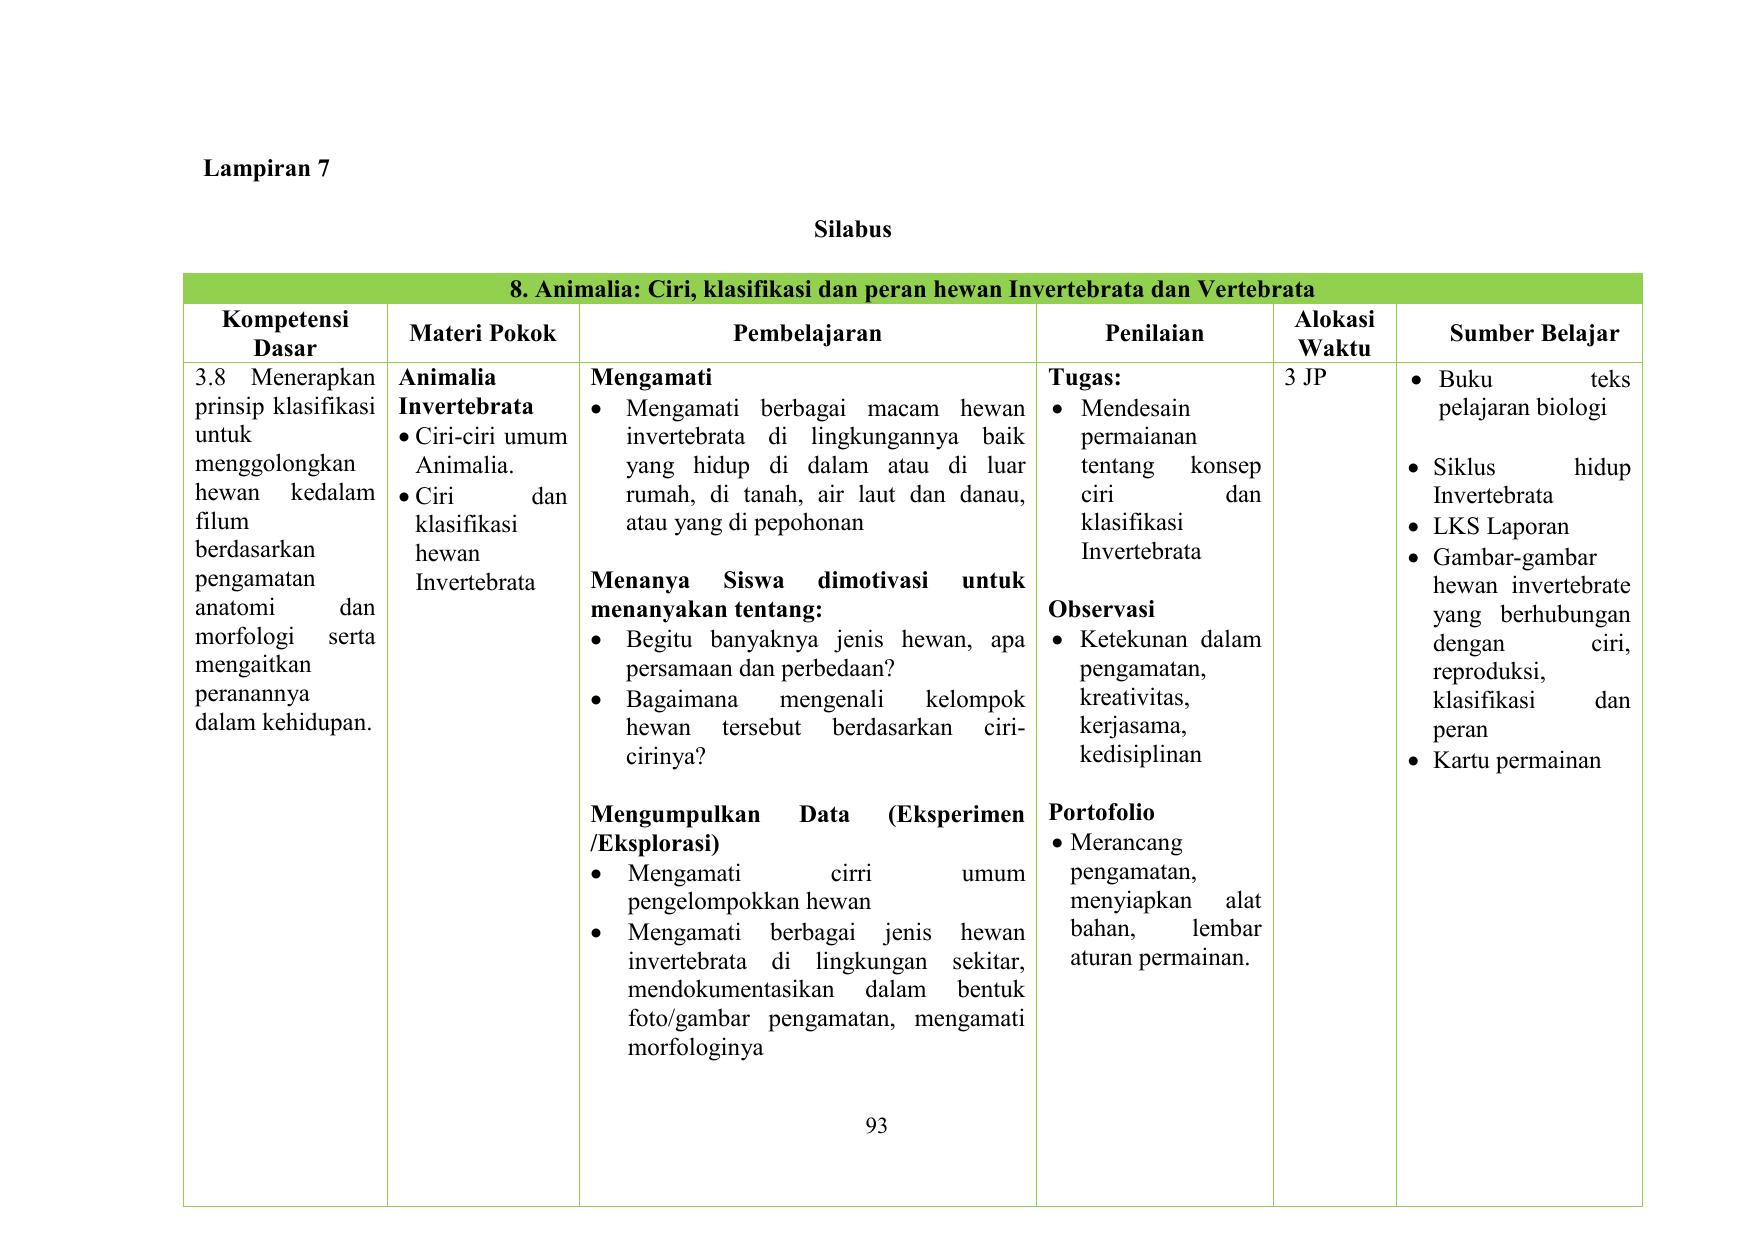 660 Gambar Klasifikasi Hewan Invertebrata Terbaru